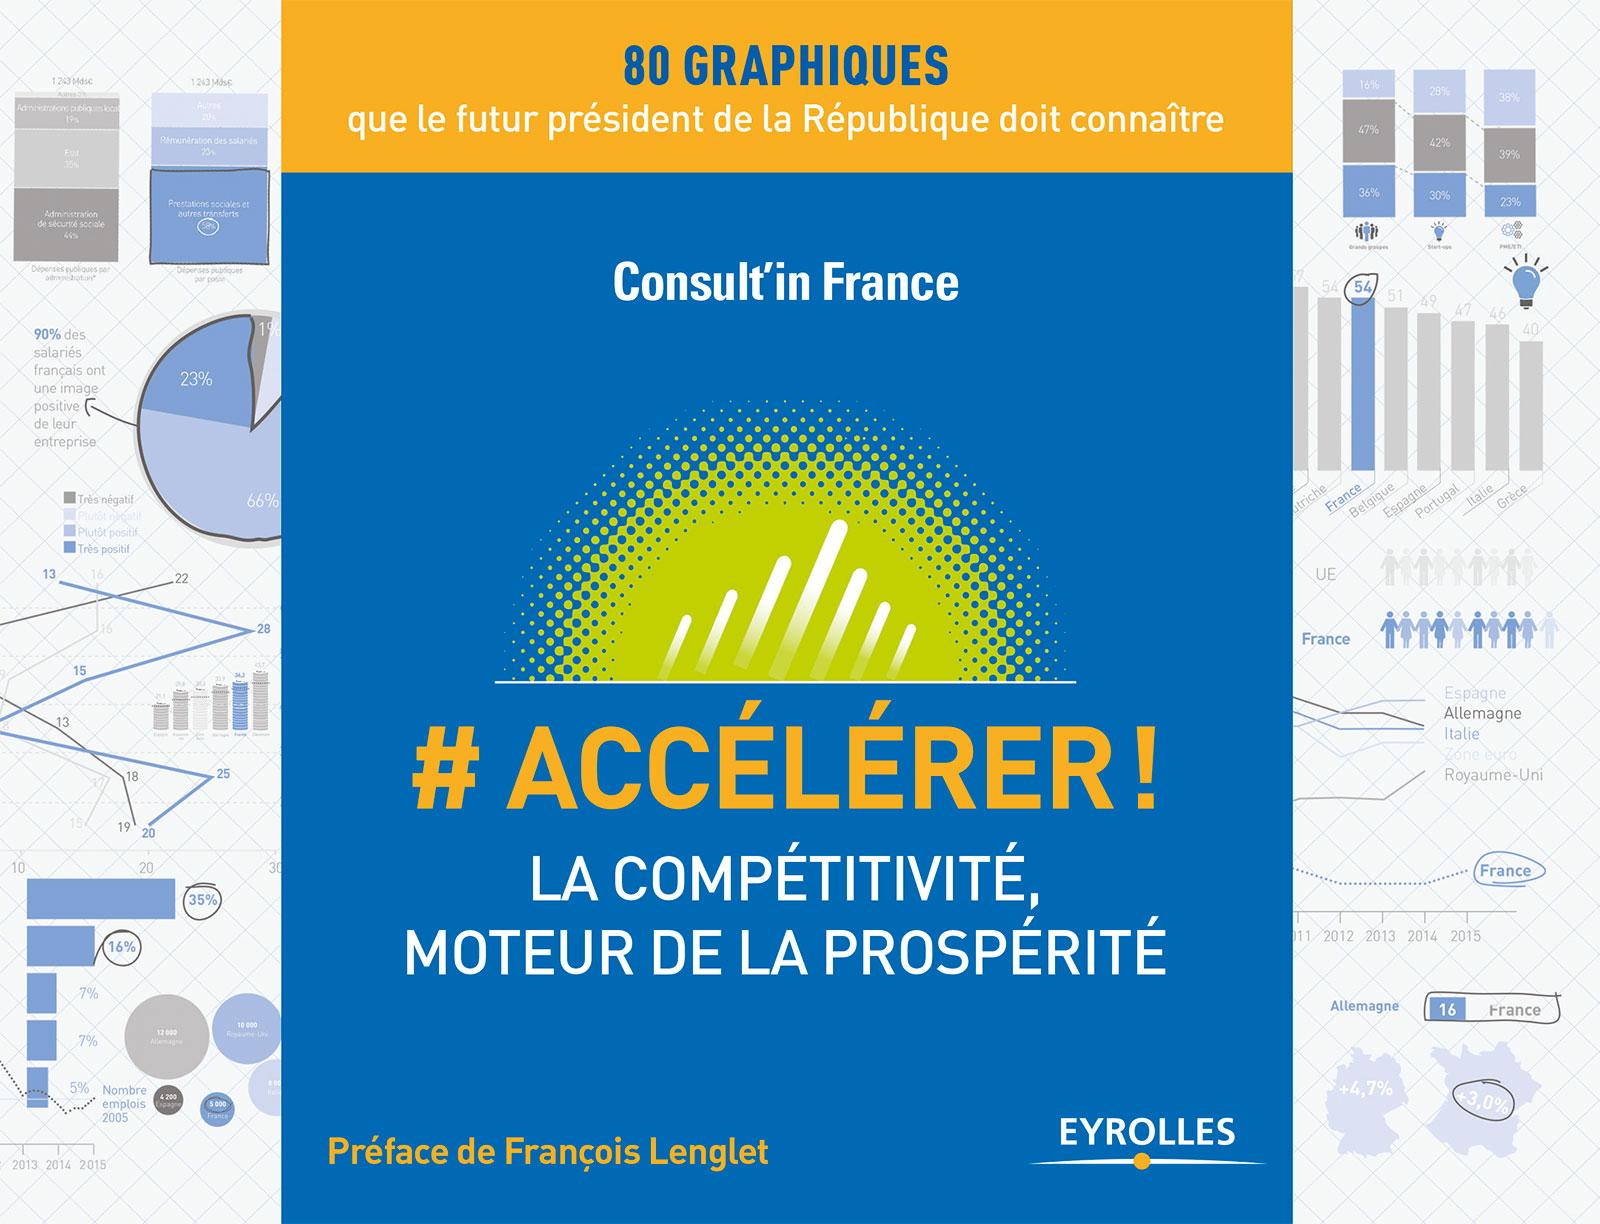 # Accélérer ! - La compétitivité, moteur de la prospérité